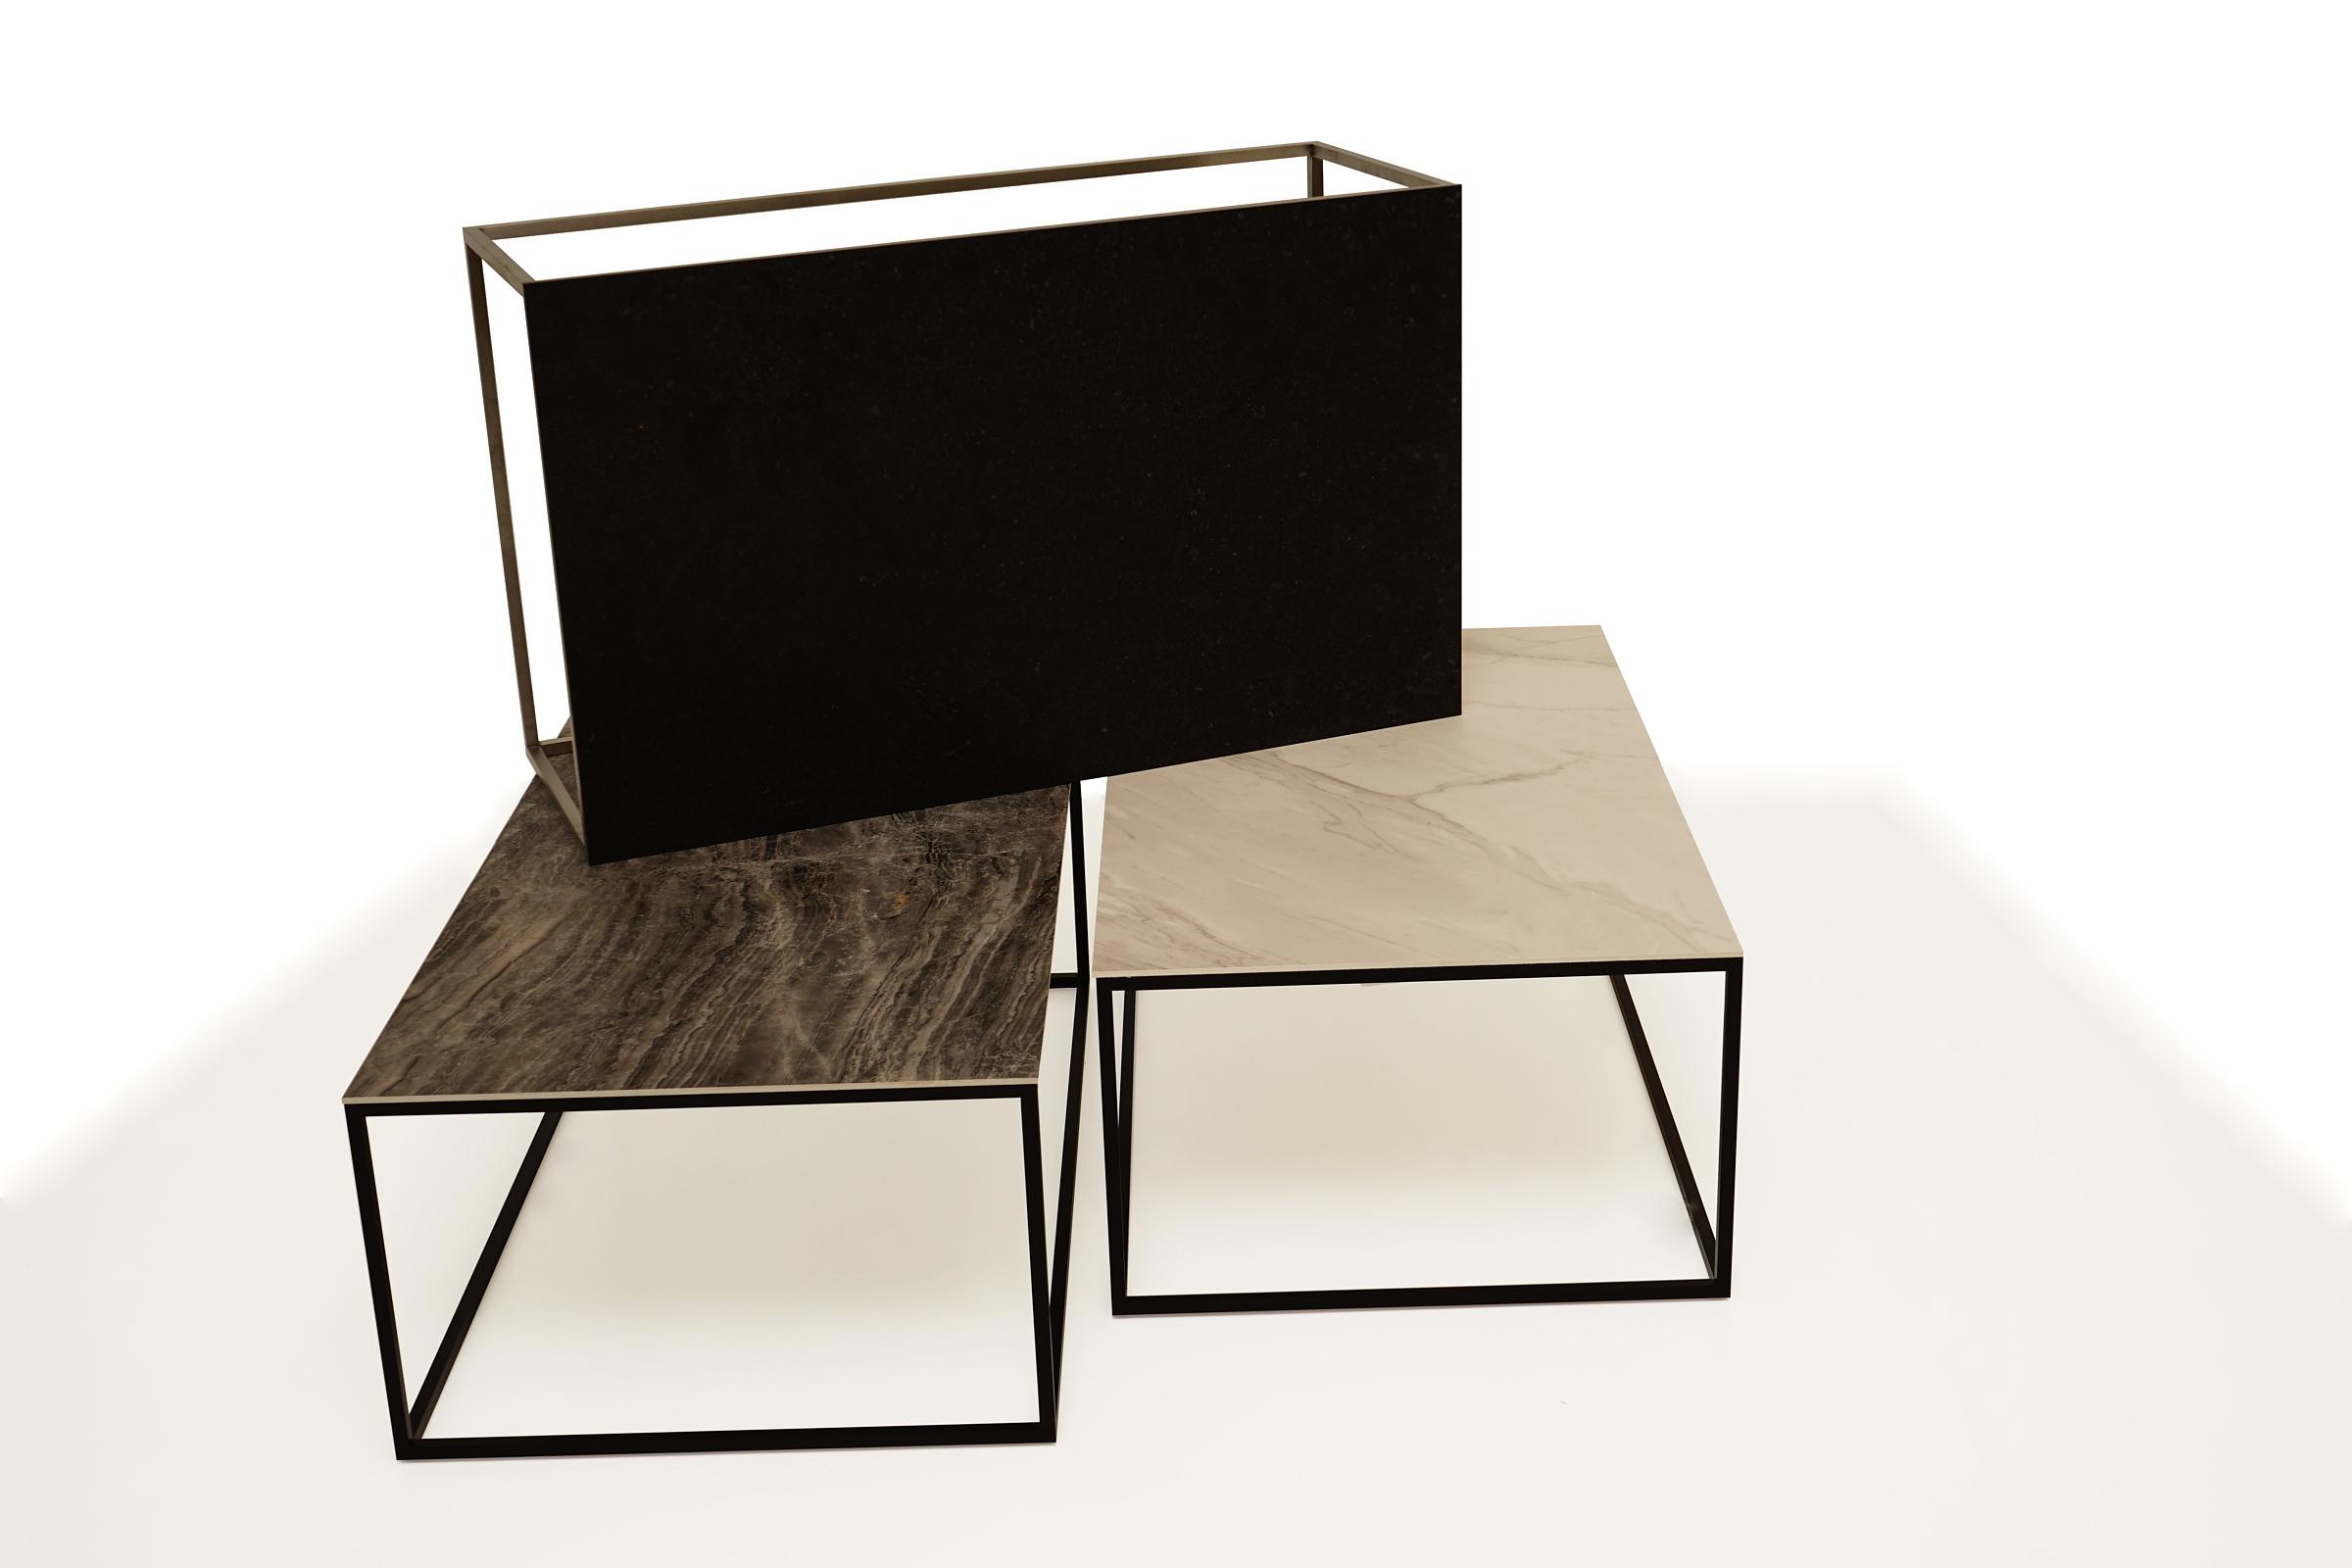 Najnowsze LB5 stoliki kawowe ławy metalowe z blatami ze spieków kwarcowych EZ46